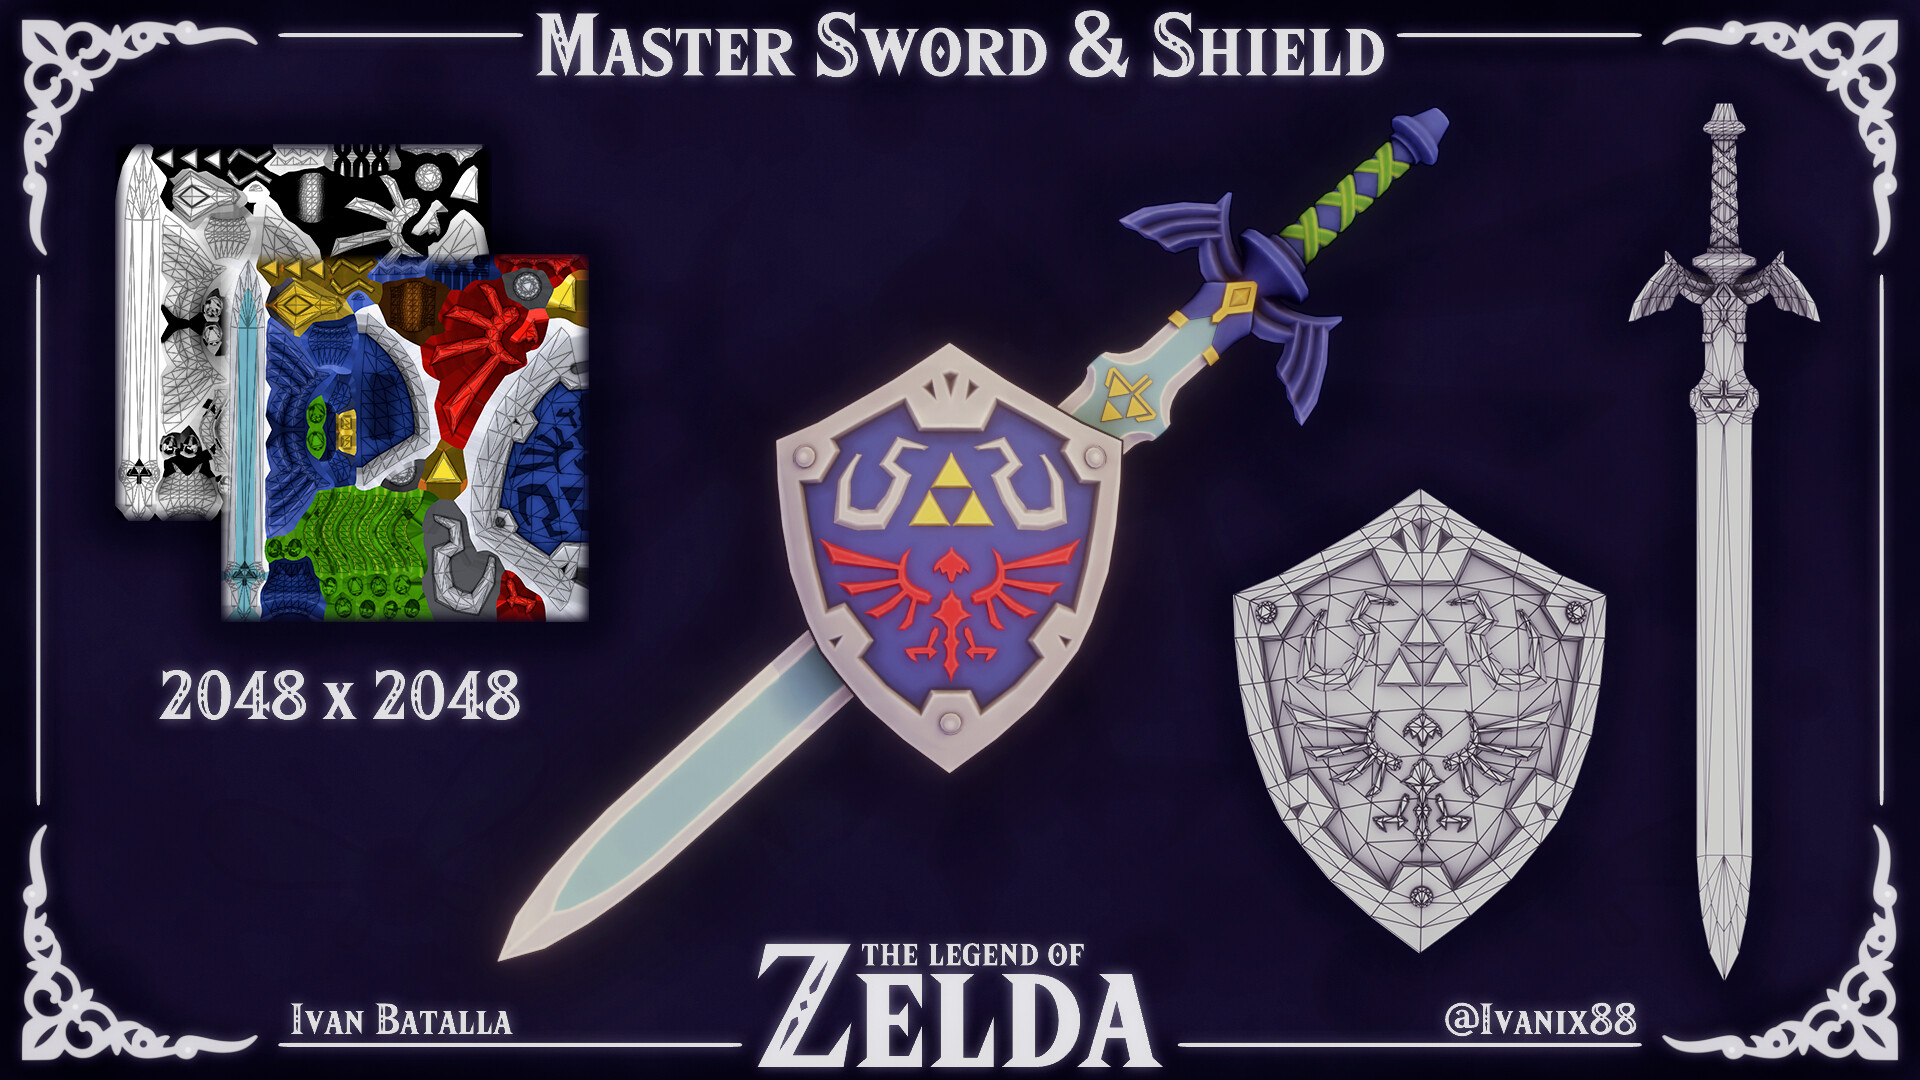 Ivan batalla master sword shield